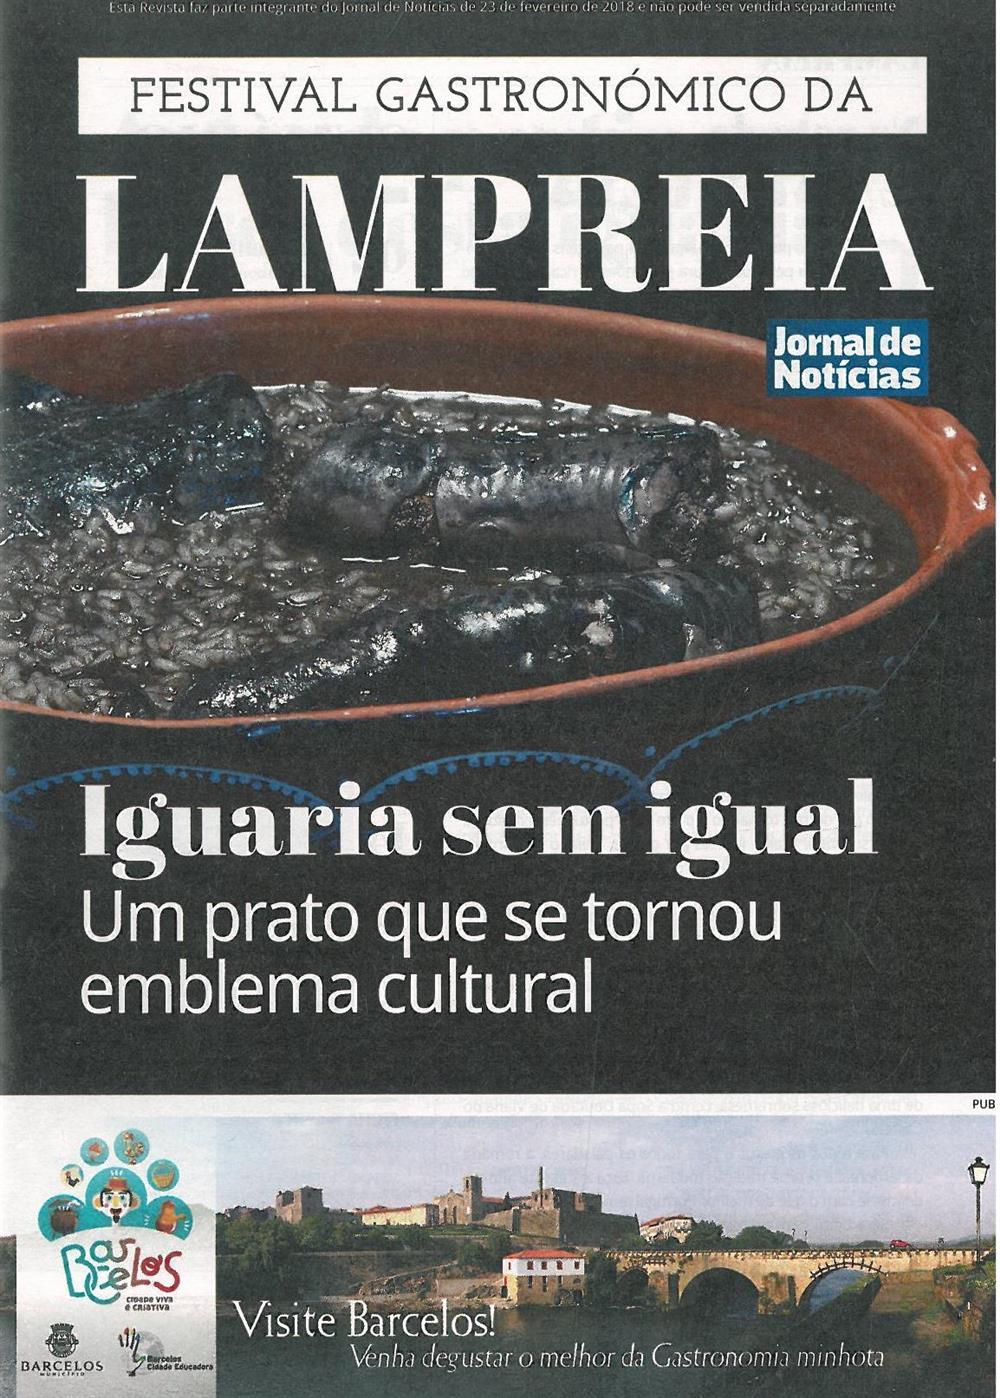 Festival gastronómico da lampreia_.jpg